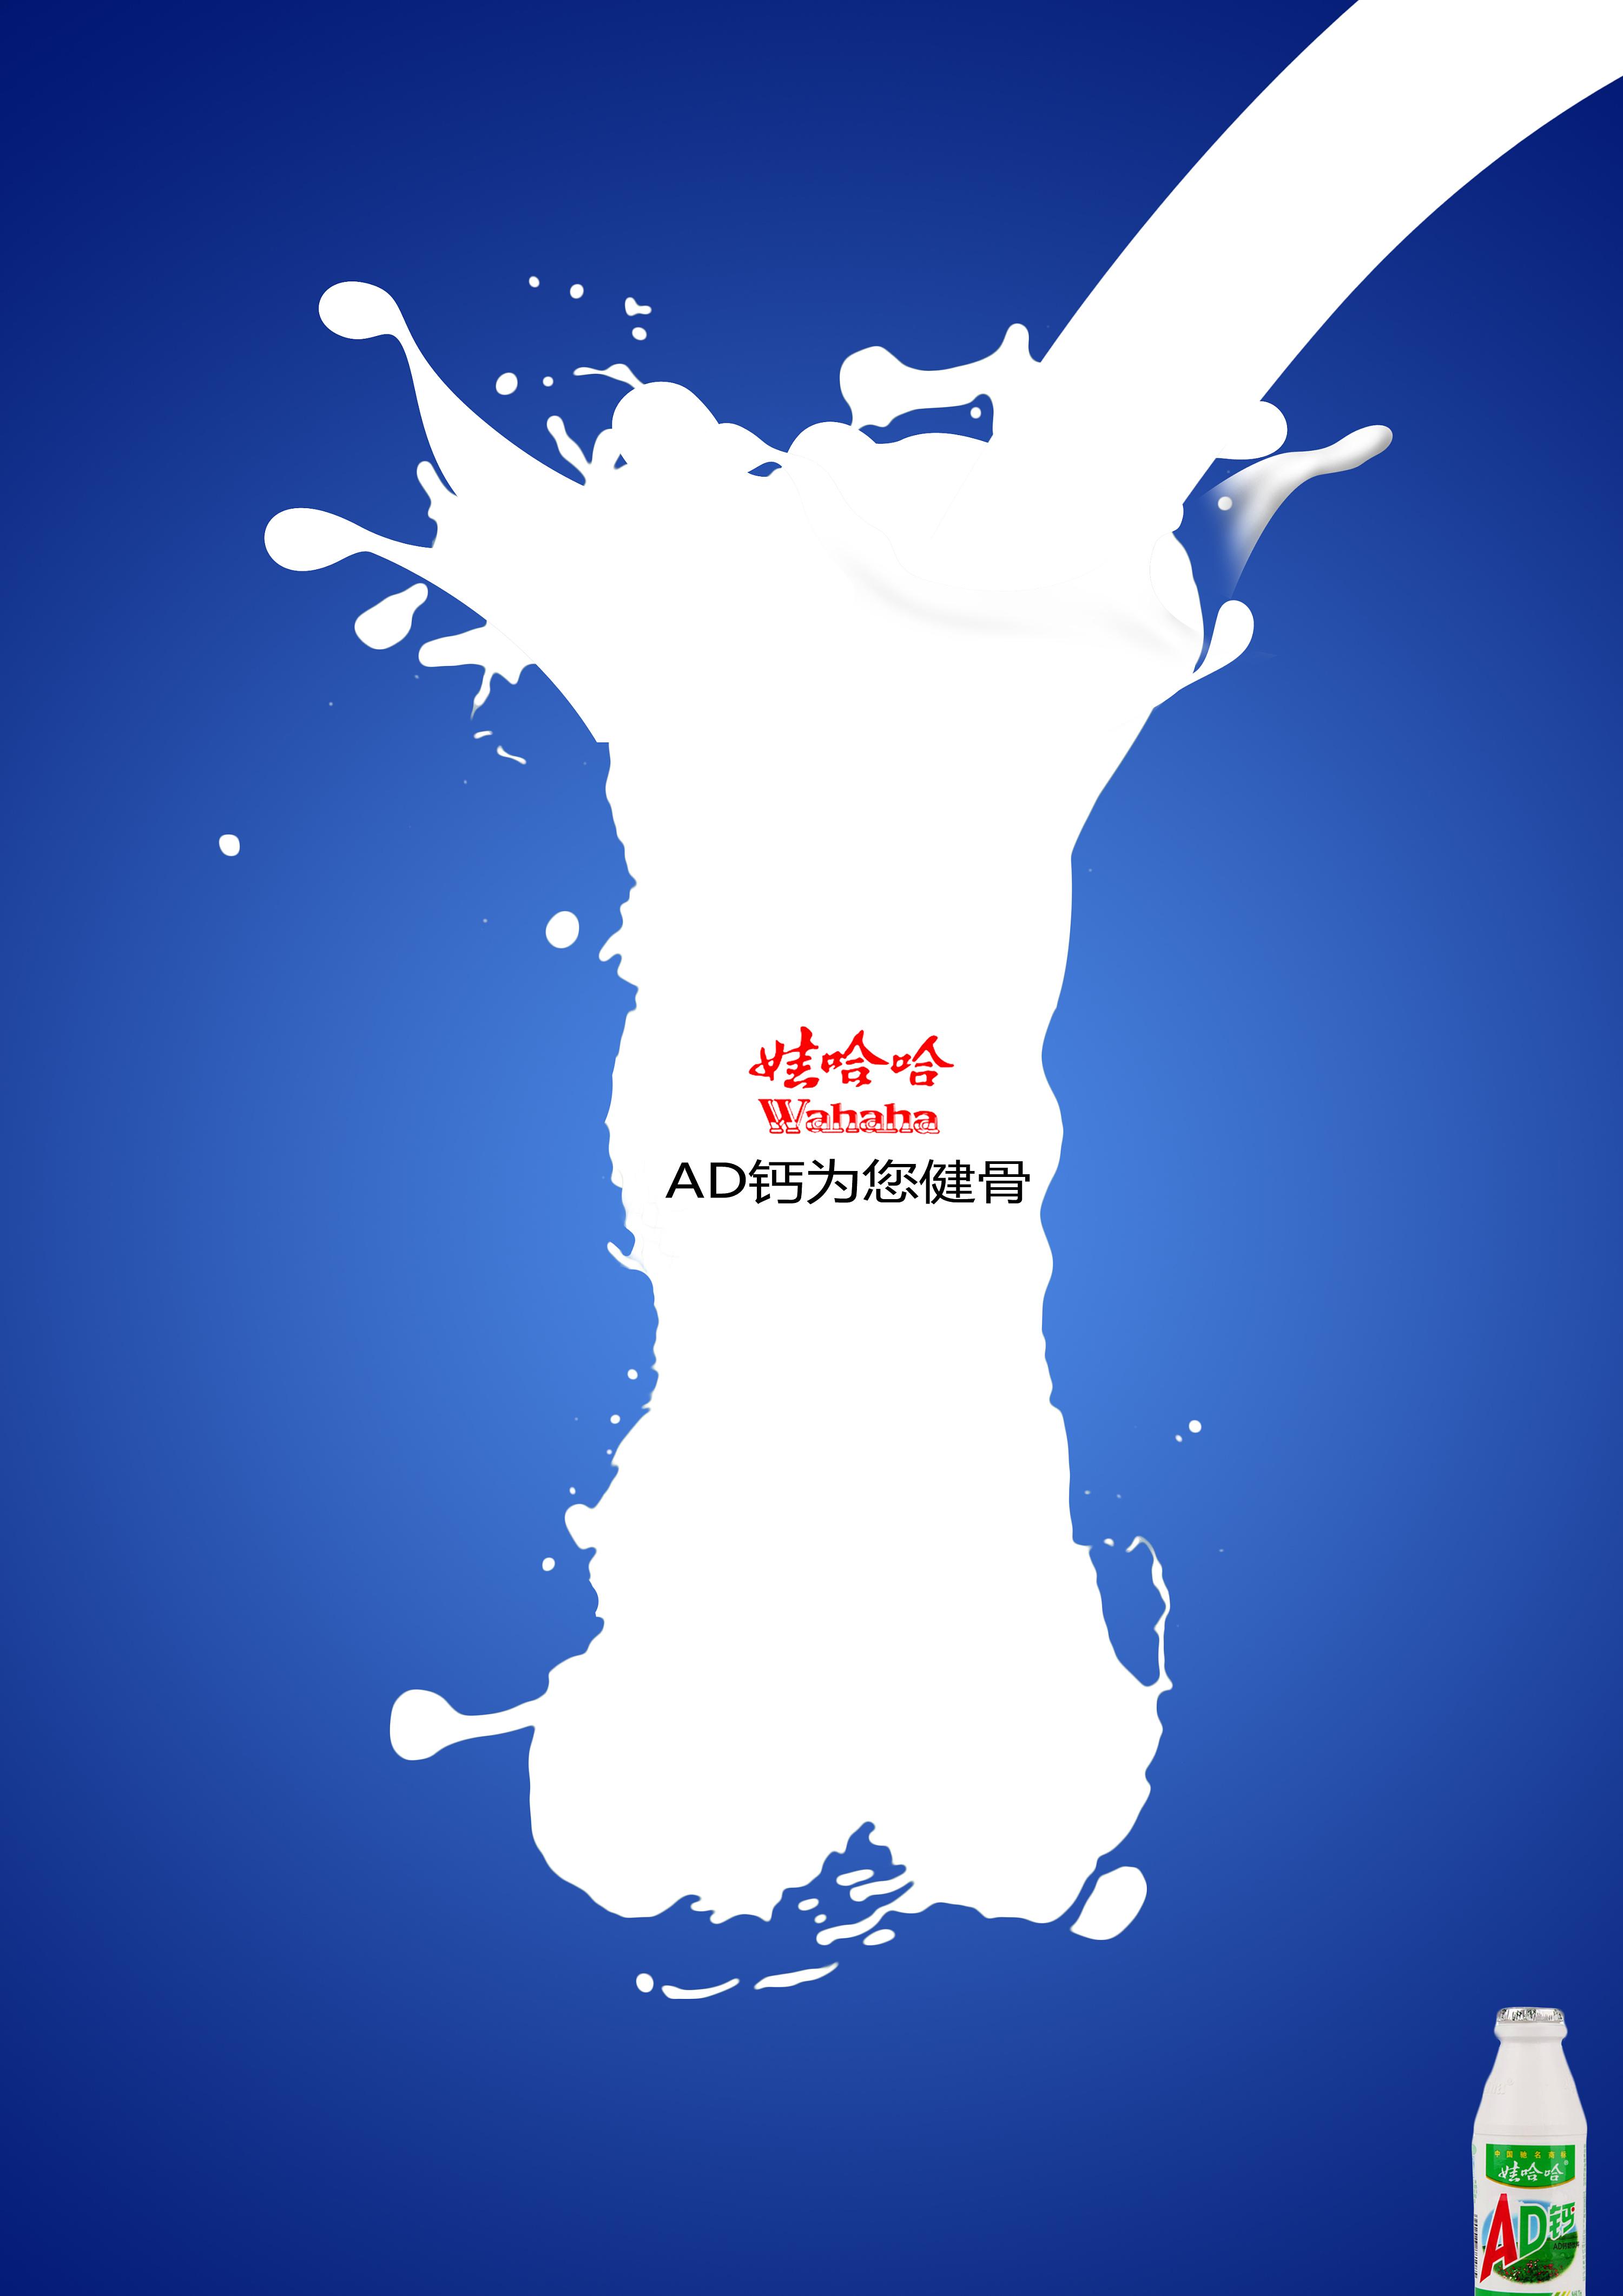 娃哈哈钙多多创意书【相关词_ 娃哈哈ad钙广告策划书】图片